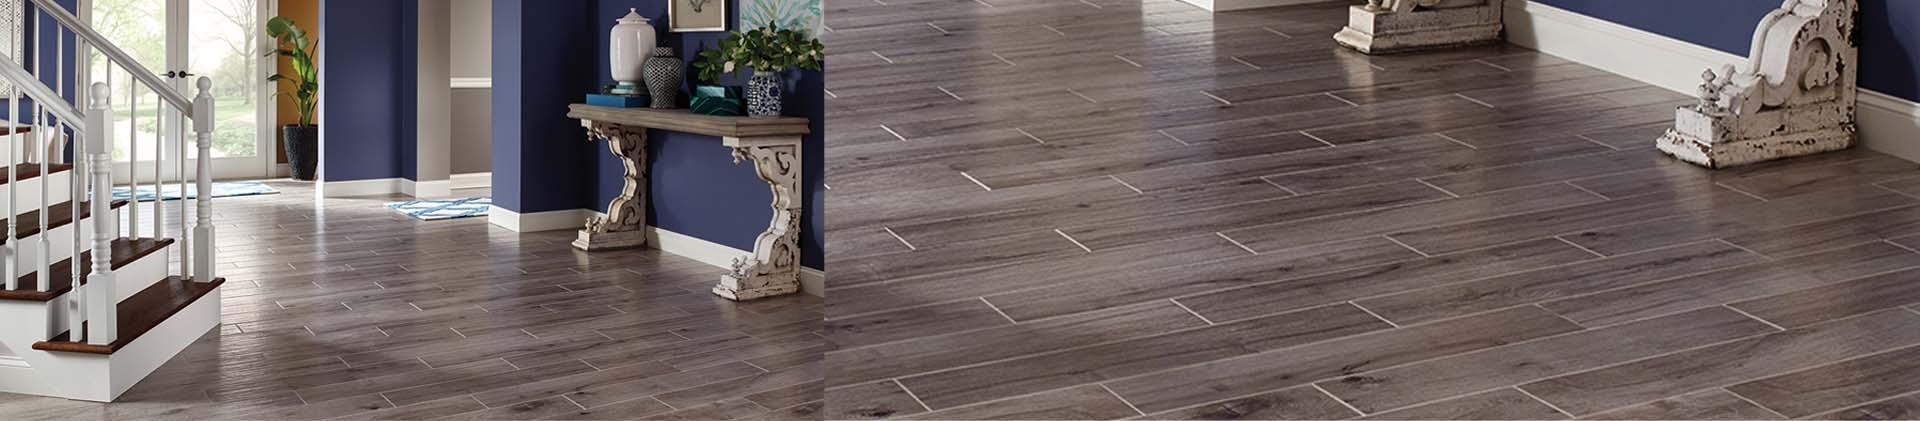 porcelain tile and flooring WHCUPKD